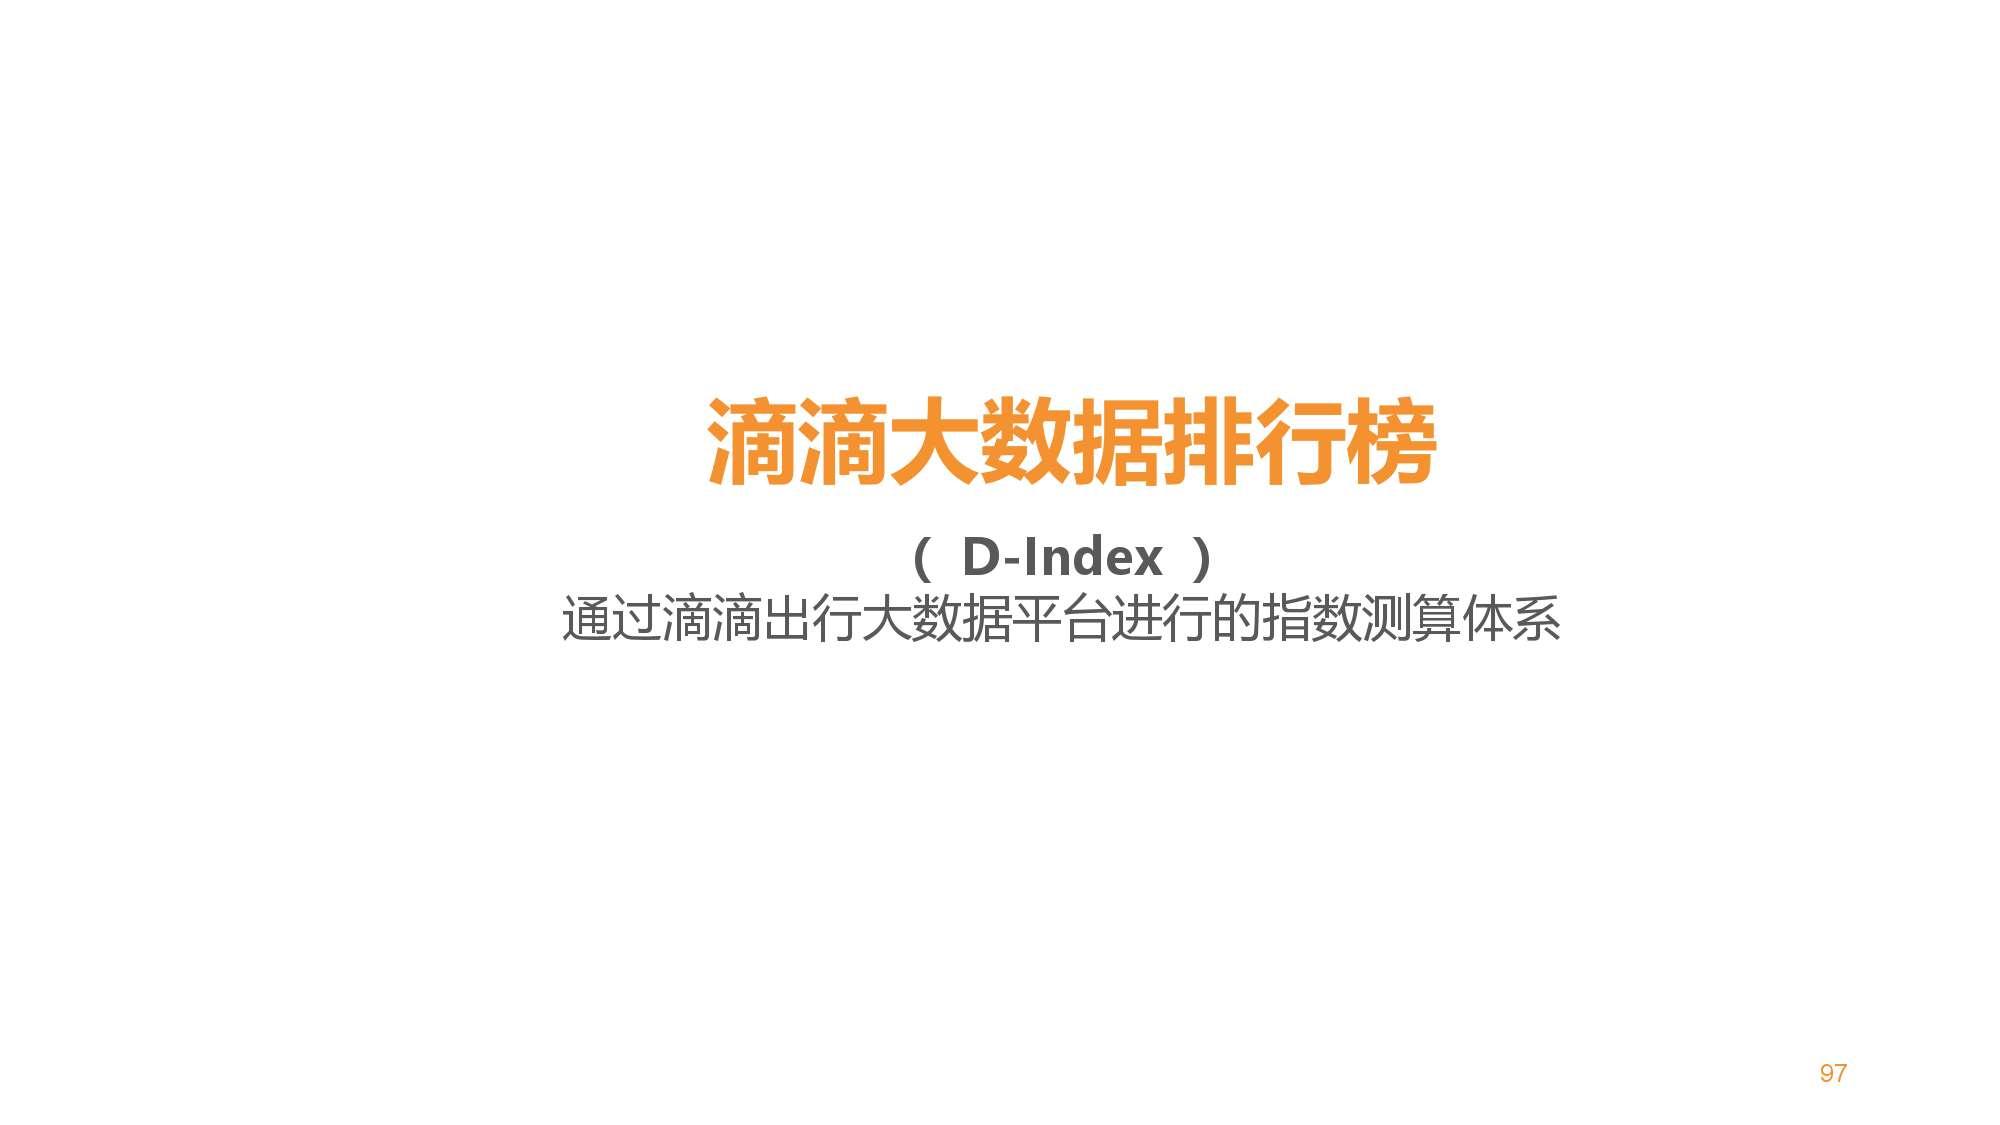 中国智能出行2015大数据报告_000097